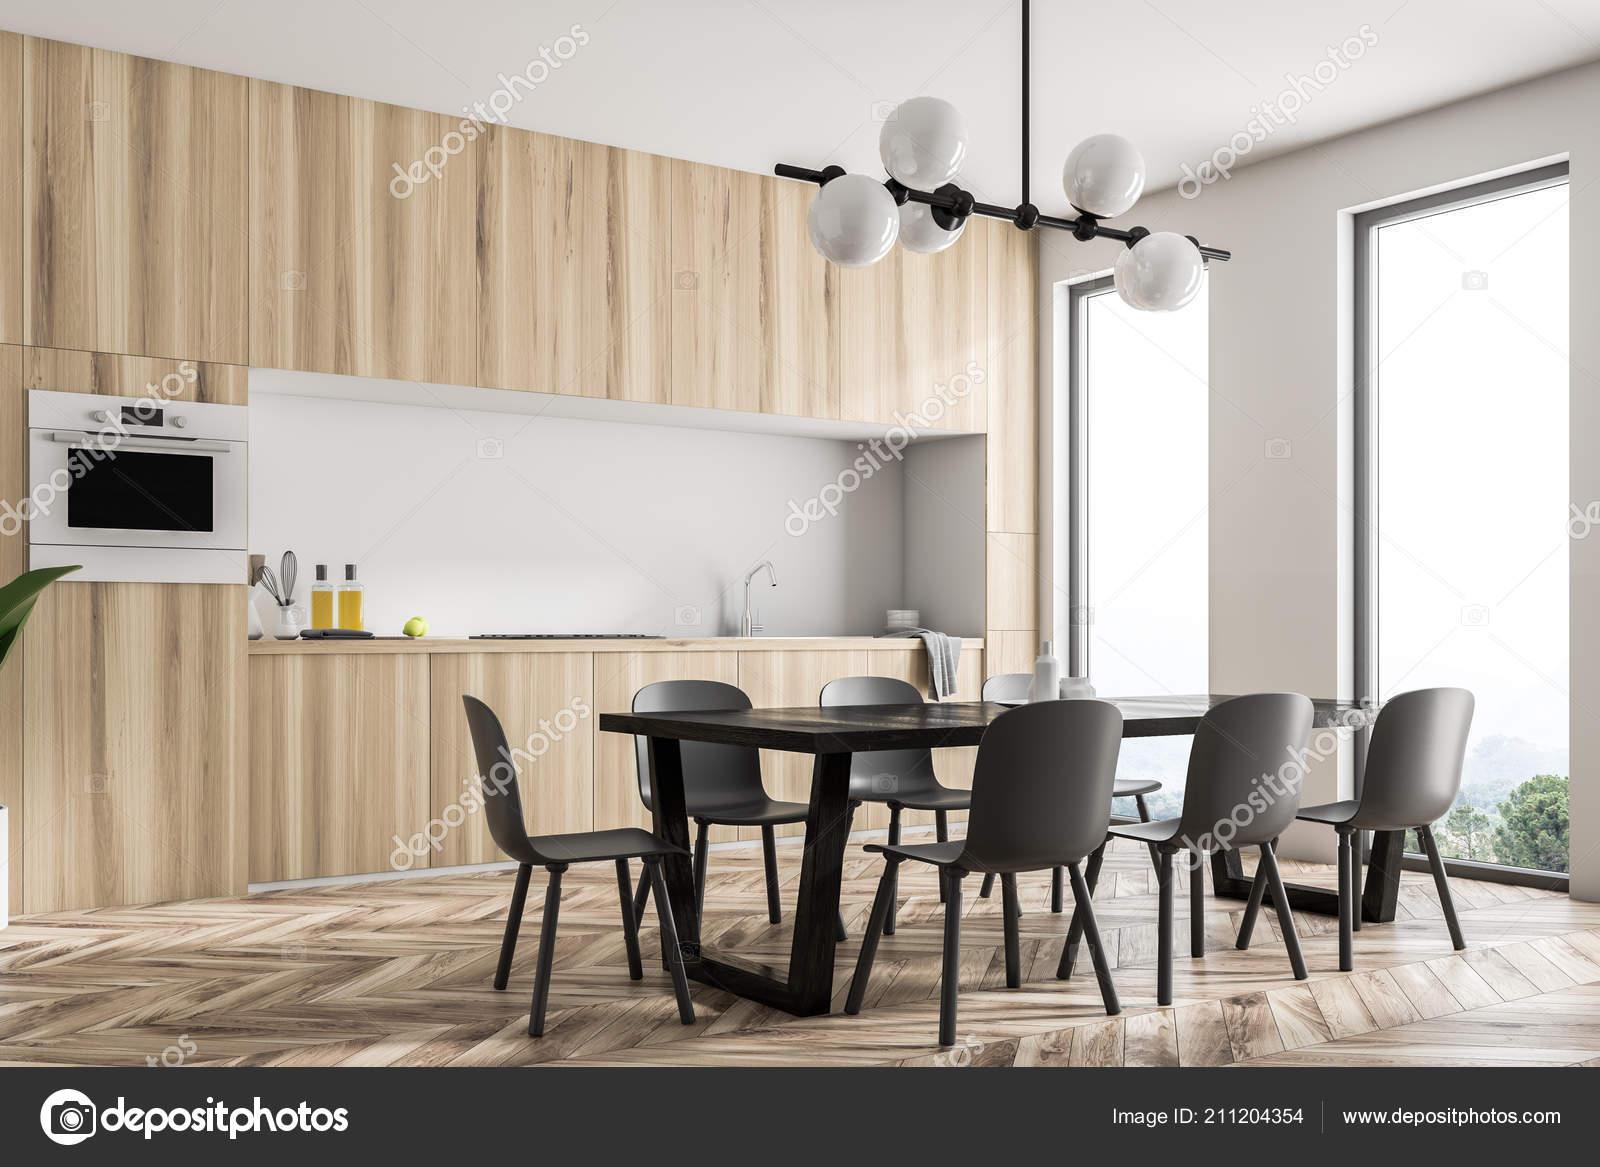 Arbeitsplatte Als Tisch An Wand.Moderne Weiße Wand Küchenecke Mit Panoramafenstern Ein